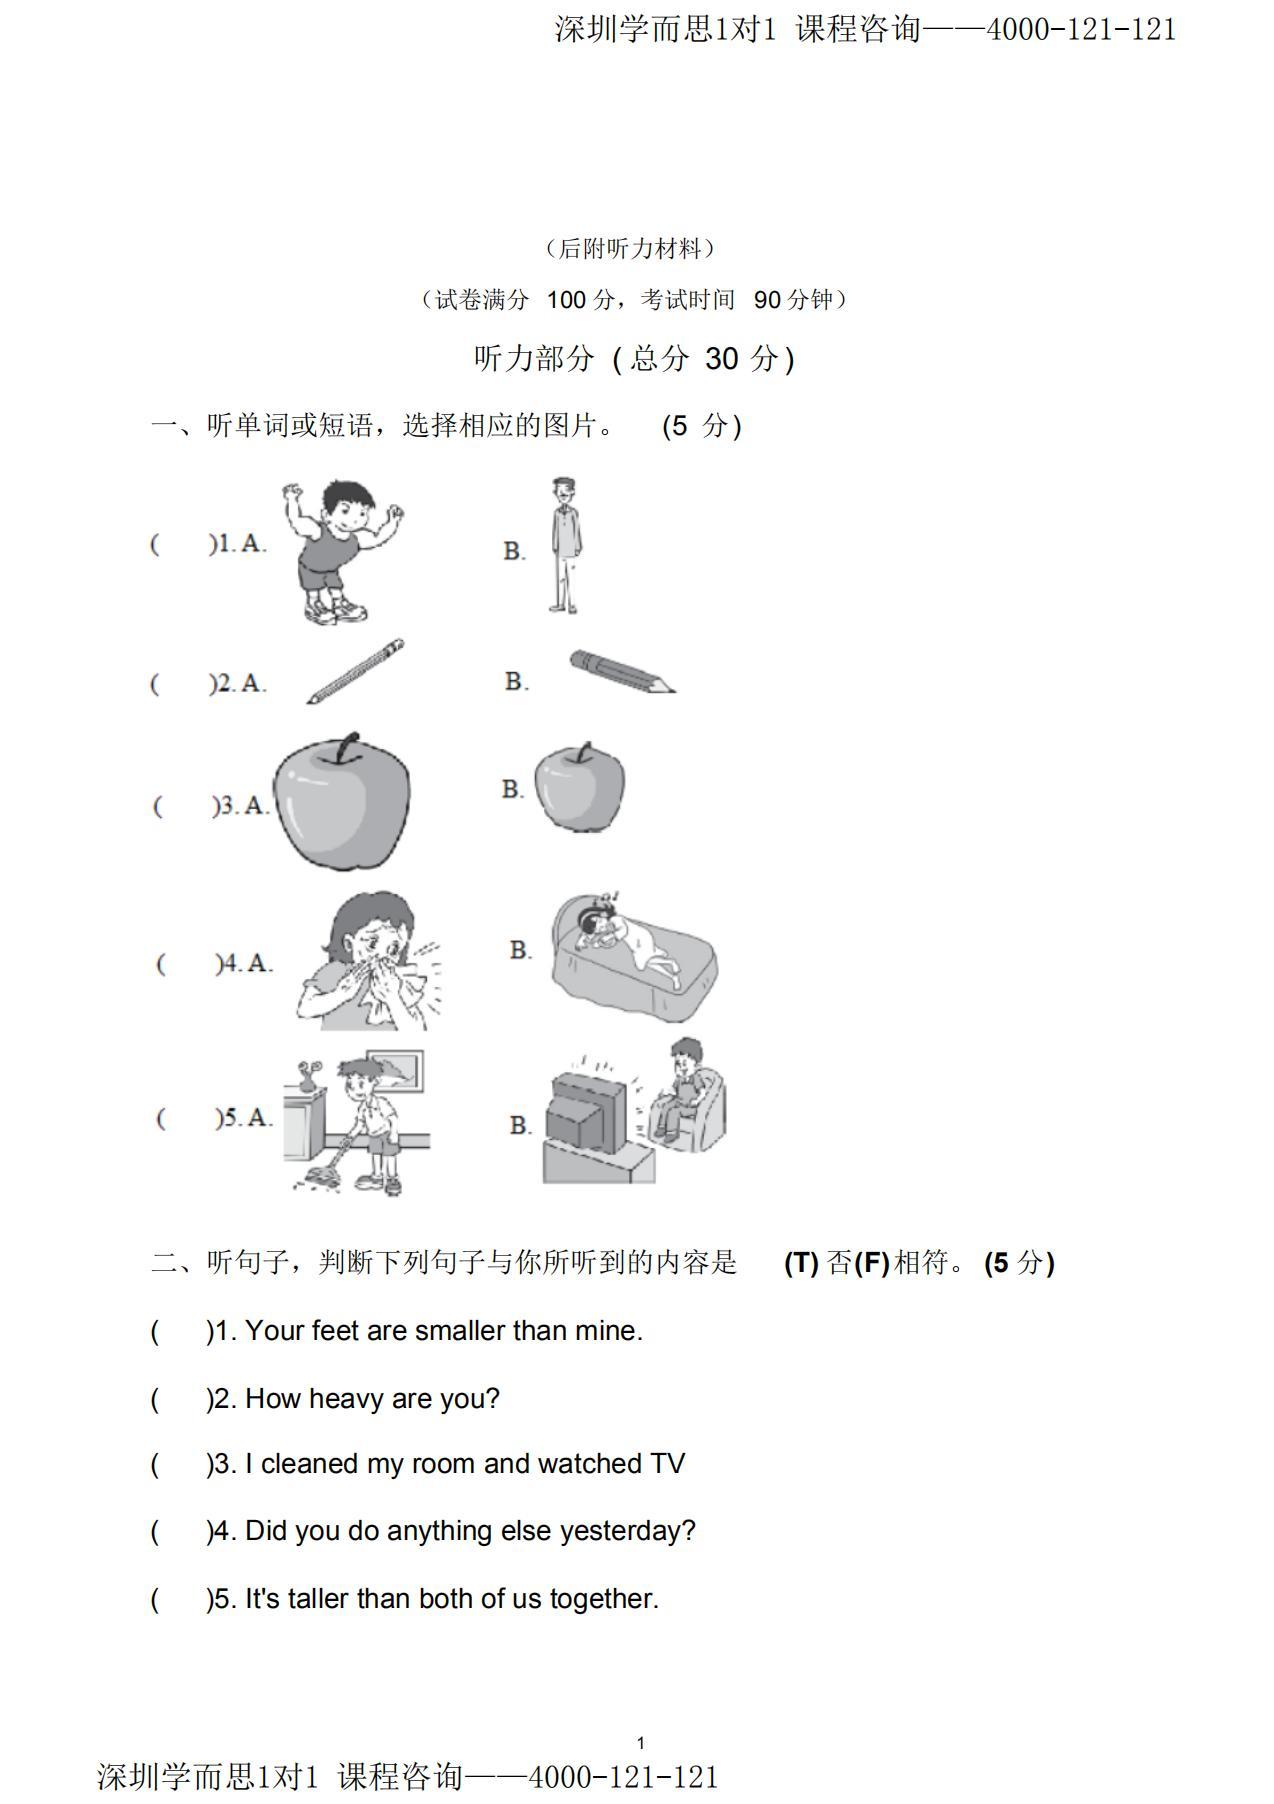 2020年初一入学考试英语试卷及答案